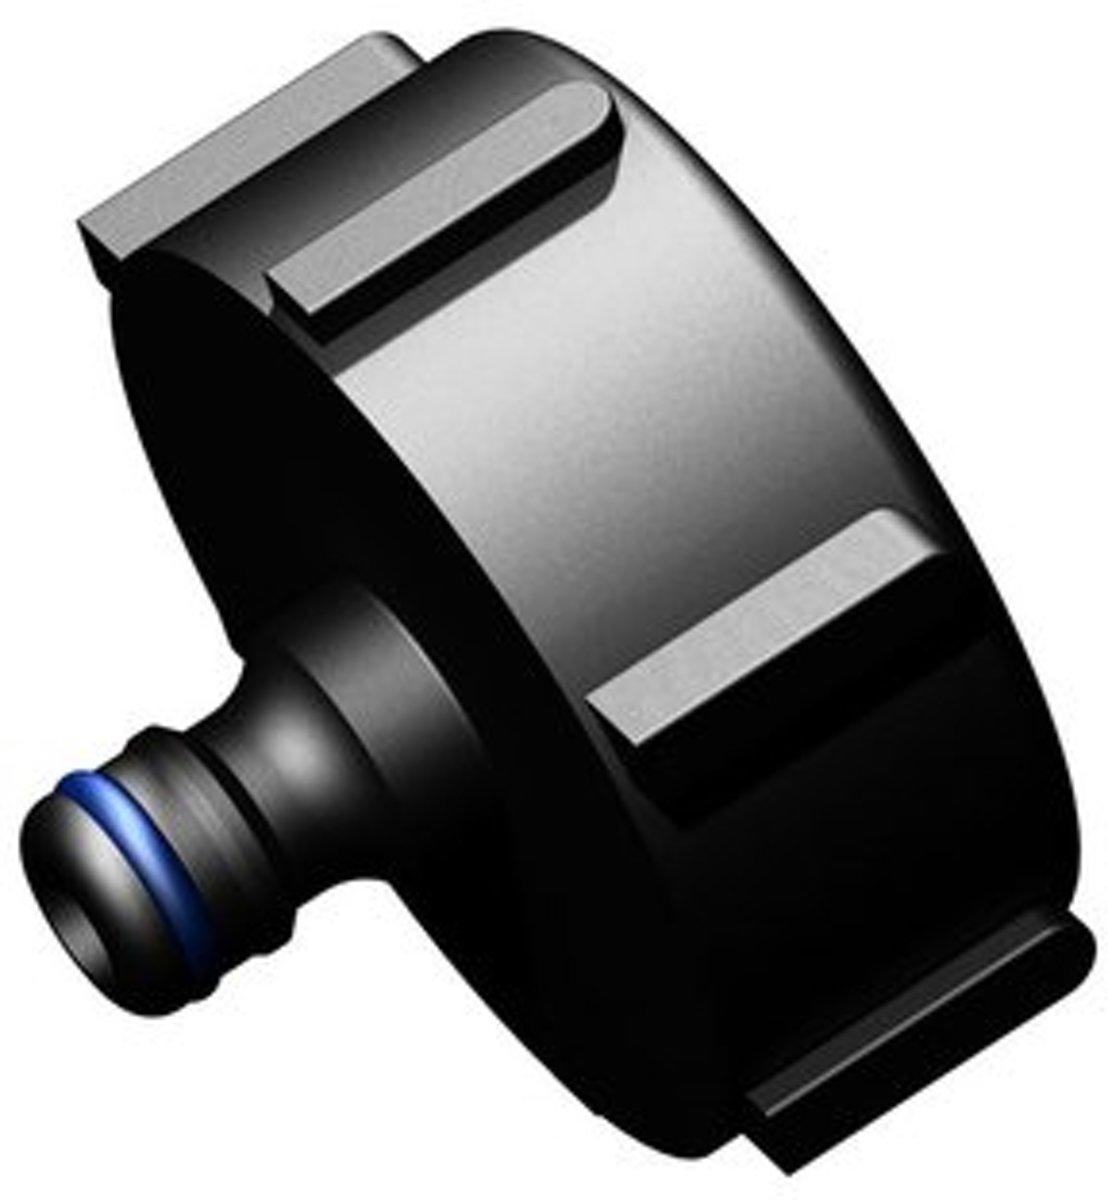 IBC Adapter S60x6 > Gardena koppeling 1/2